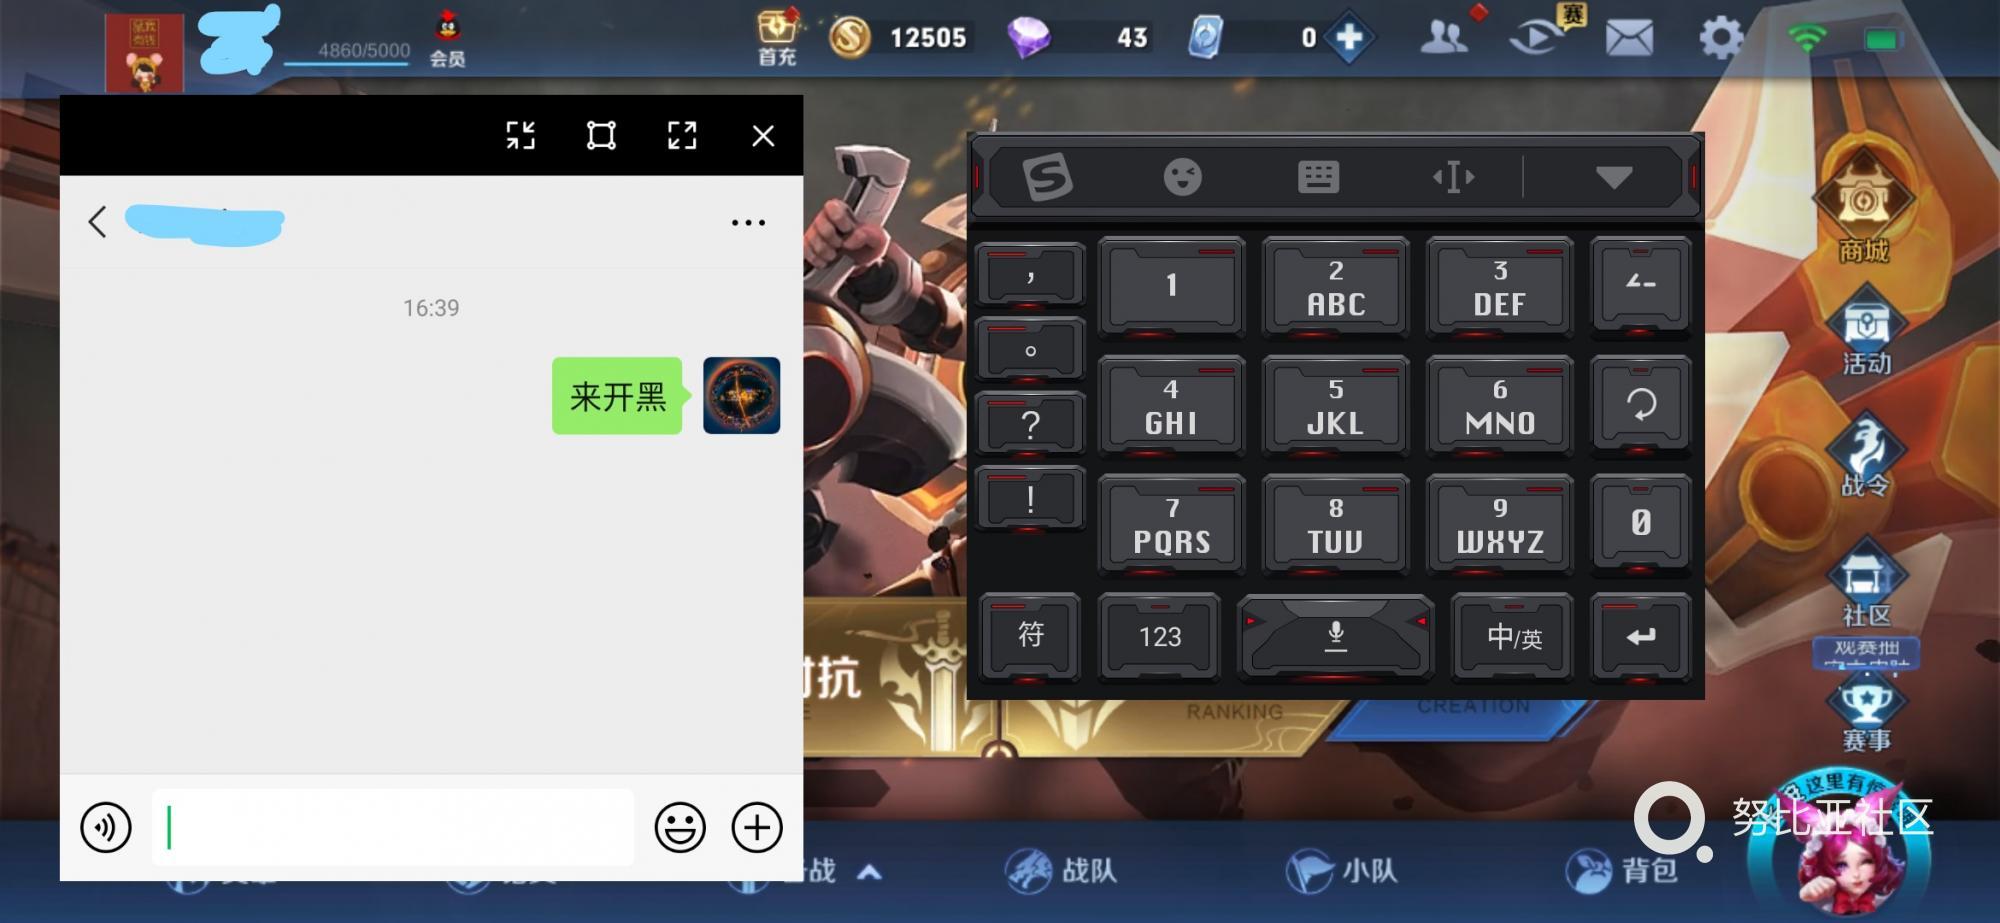 InkedScreenshot_2020-03-28-16-39-39-425_LI.jpg